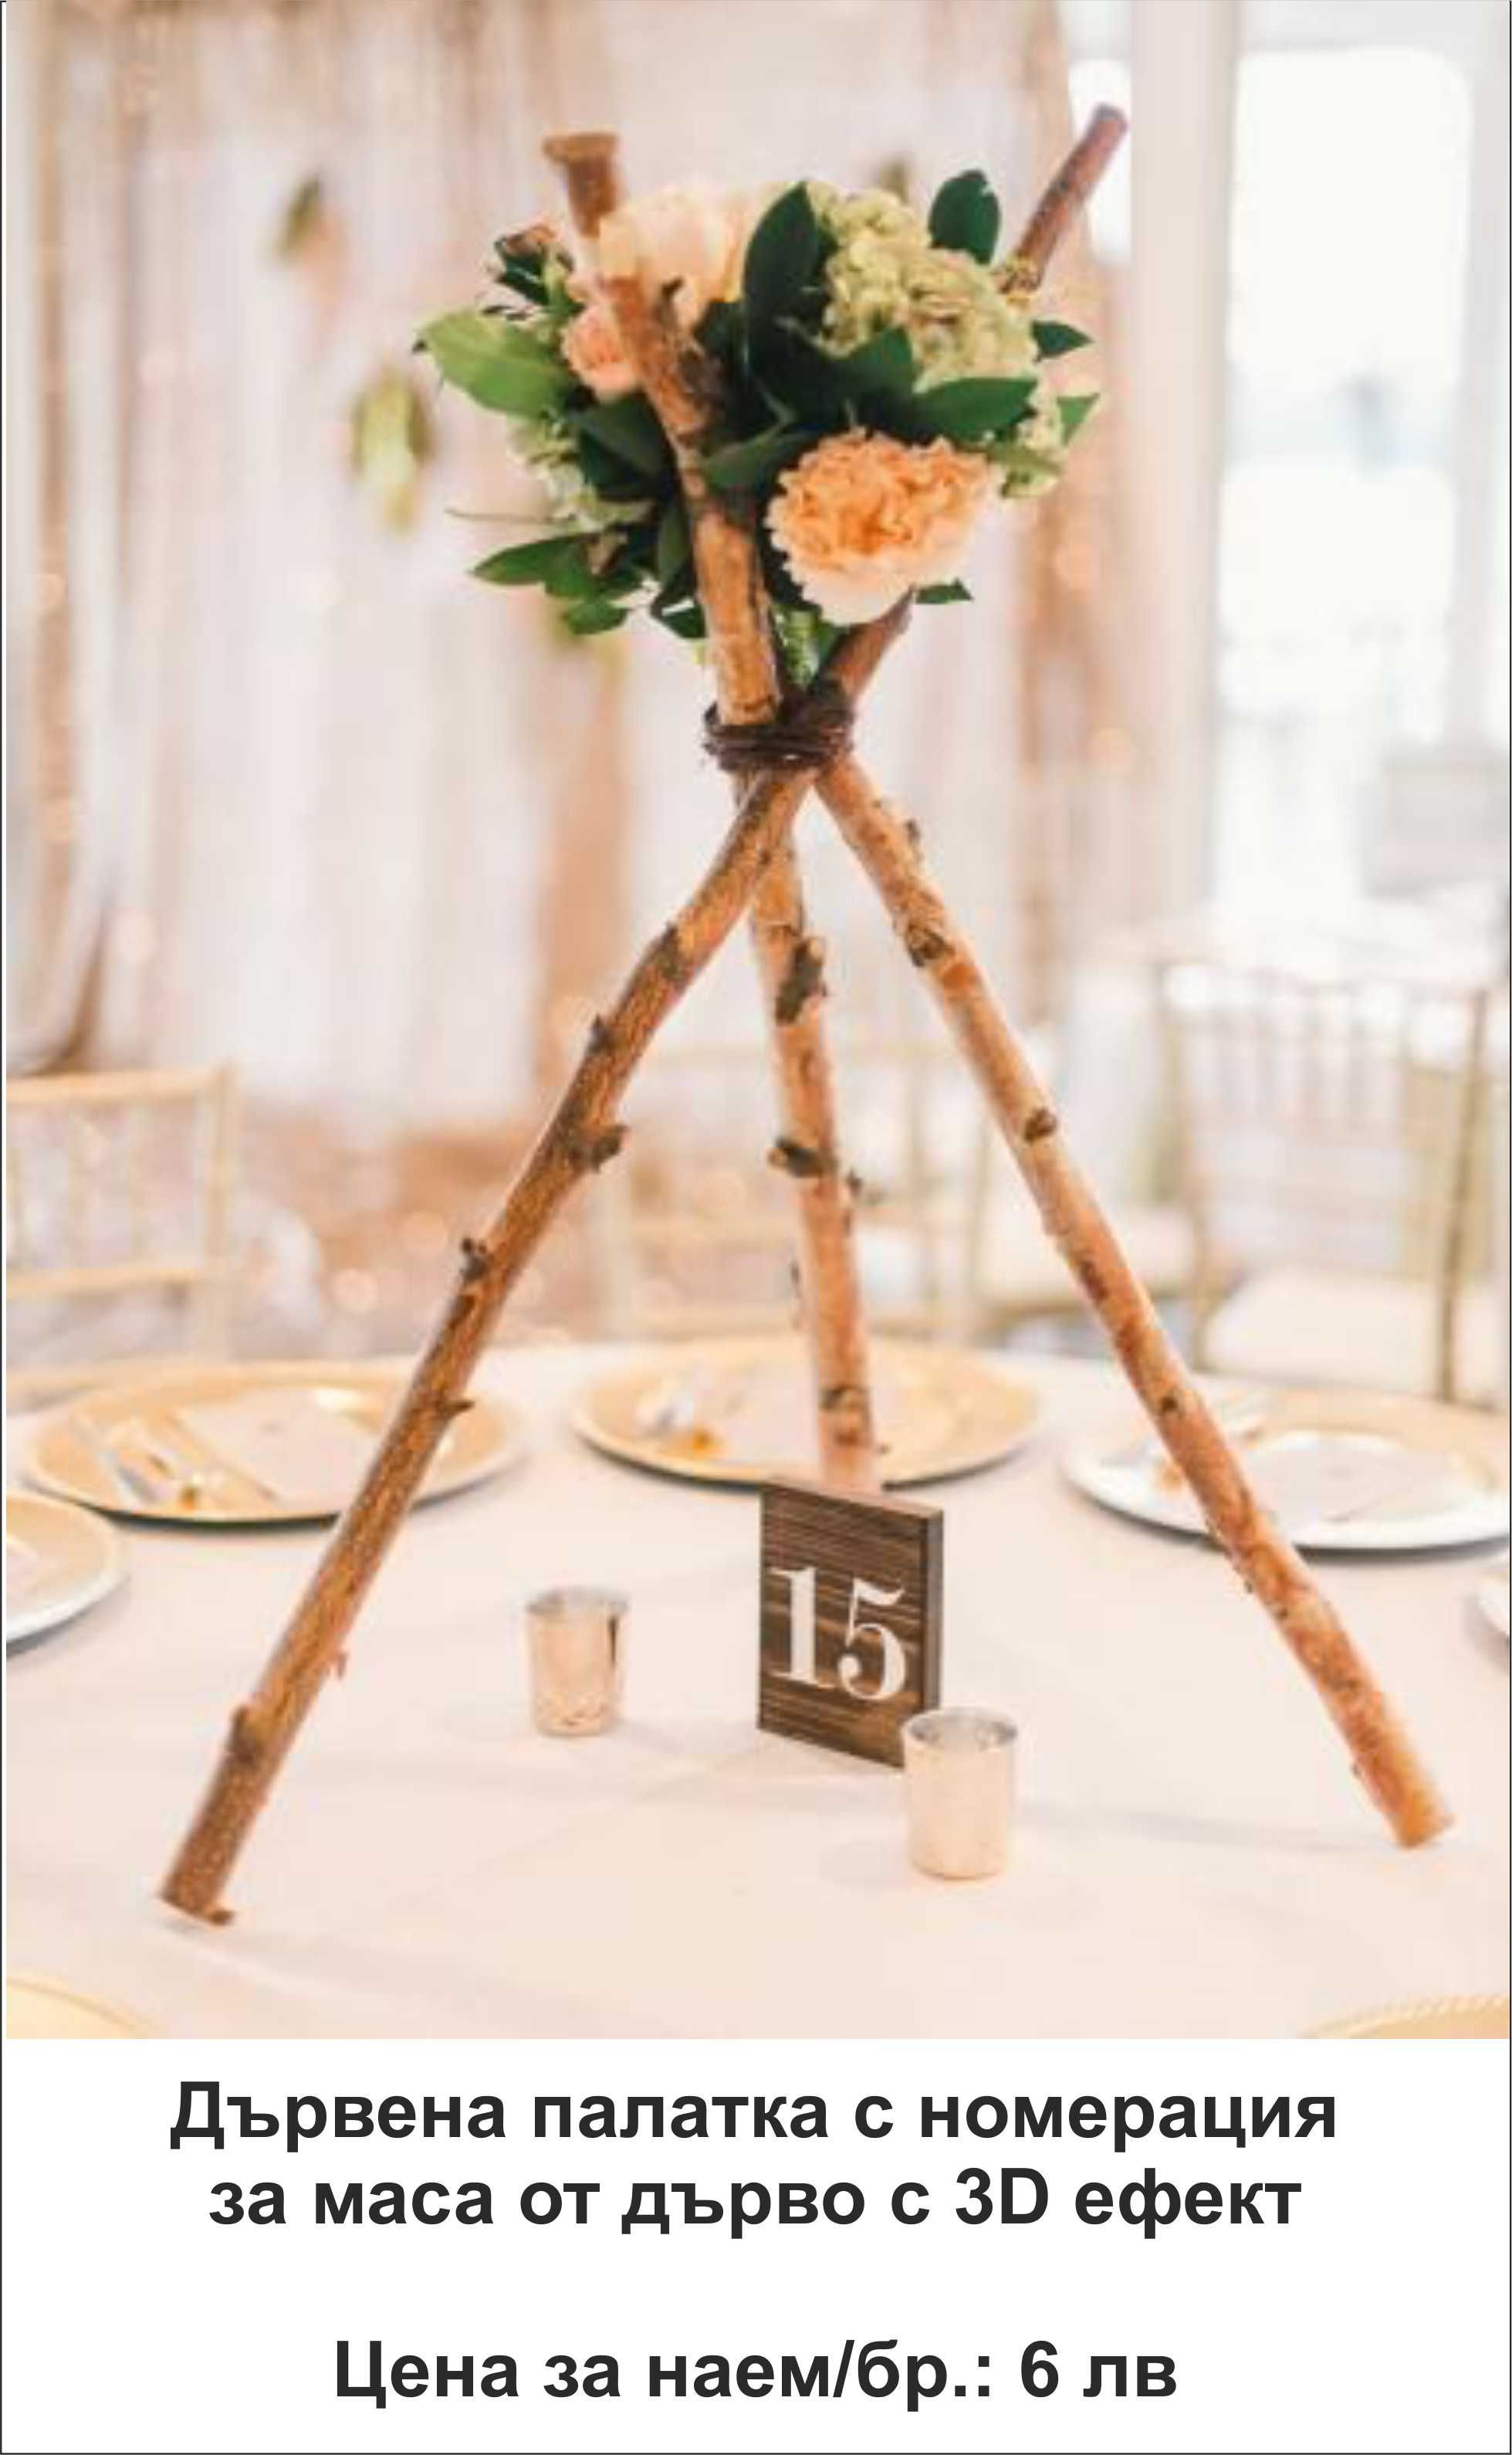 Дървена палатка с дървена номерация за масата с 3D ефект. Цена за наем на комплекта: 6 лв.